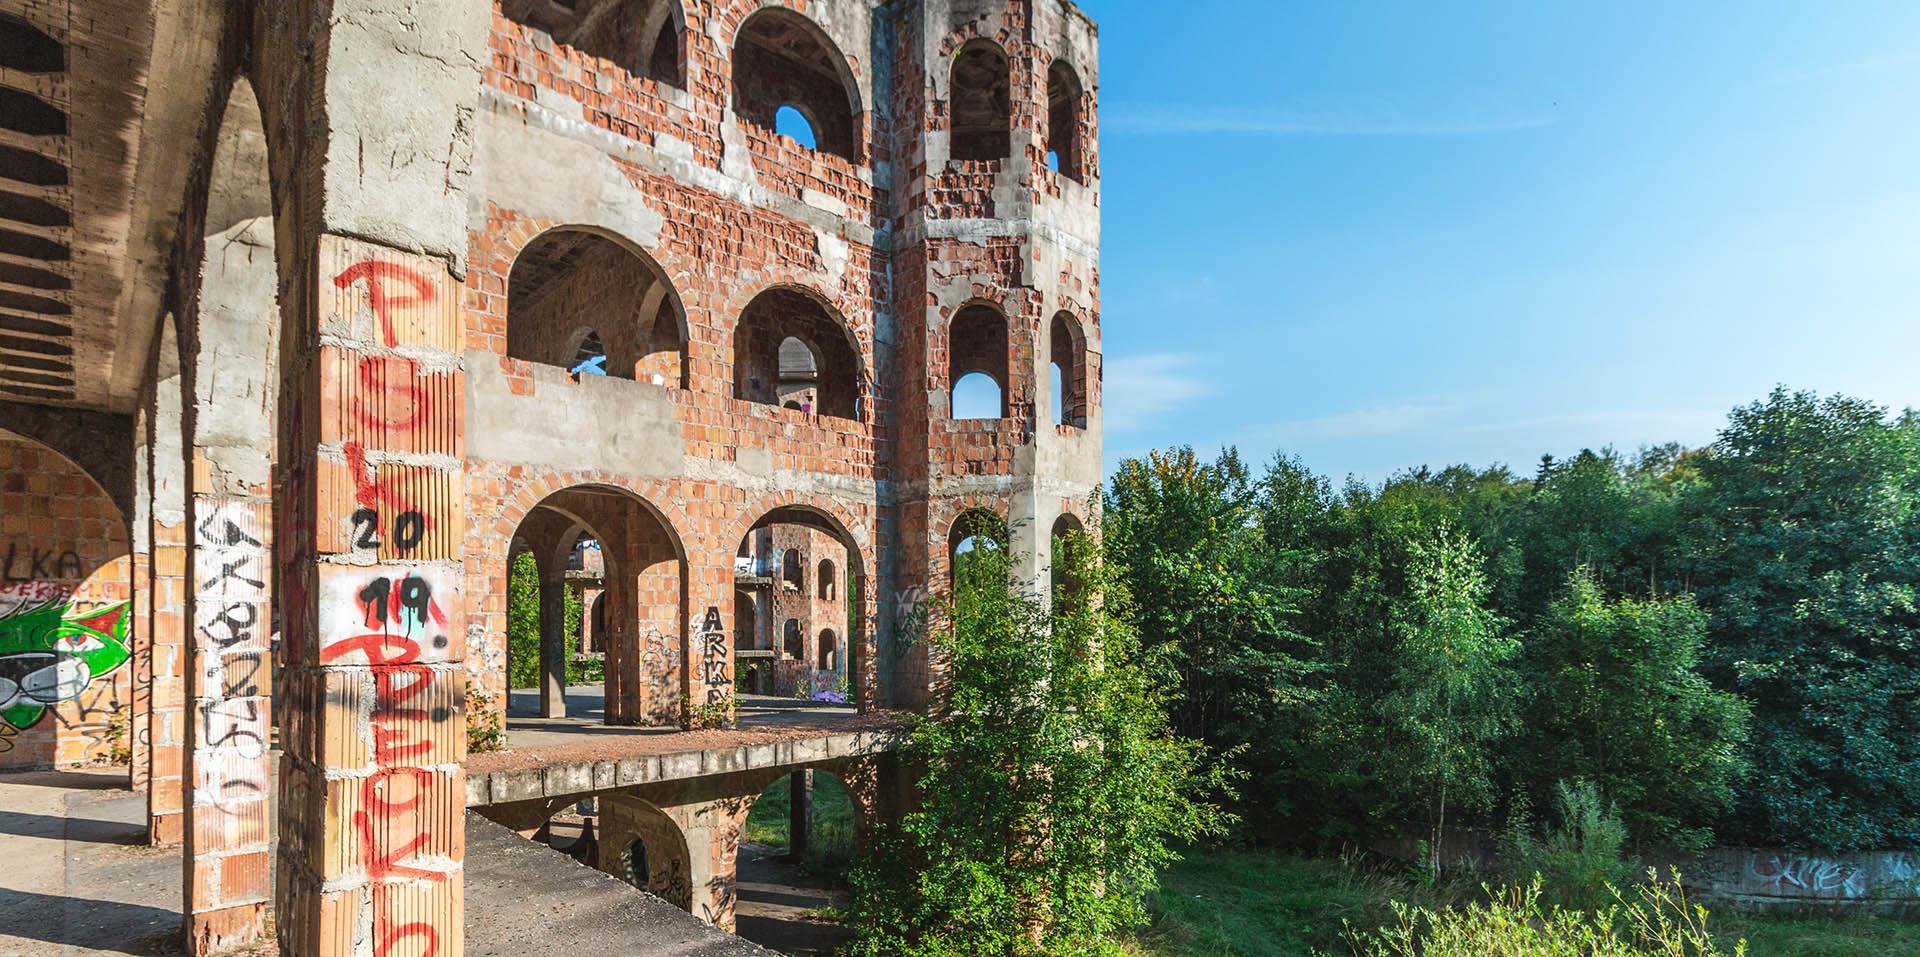 Zamek w Łapalicach. Samowola budowlana, która stała się atrakcją Kaszub.